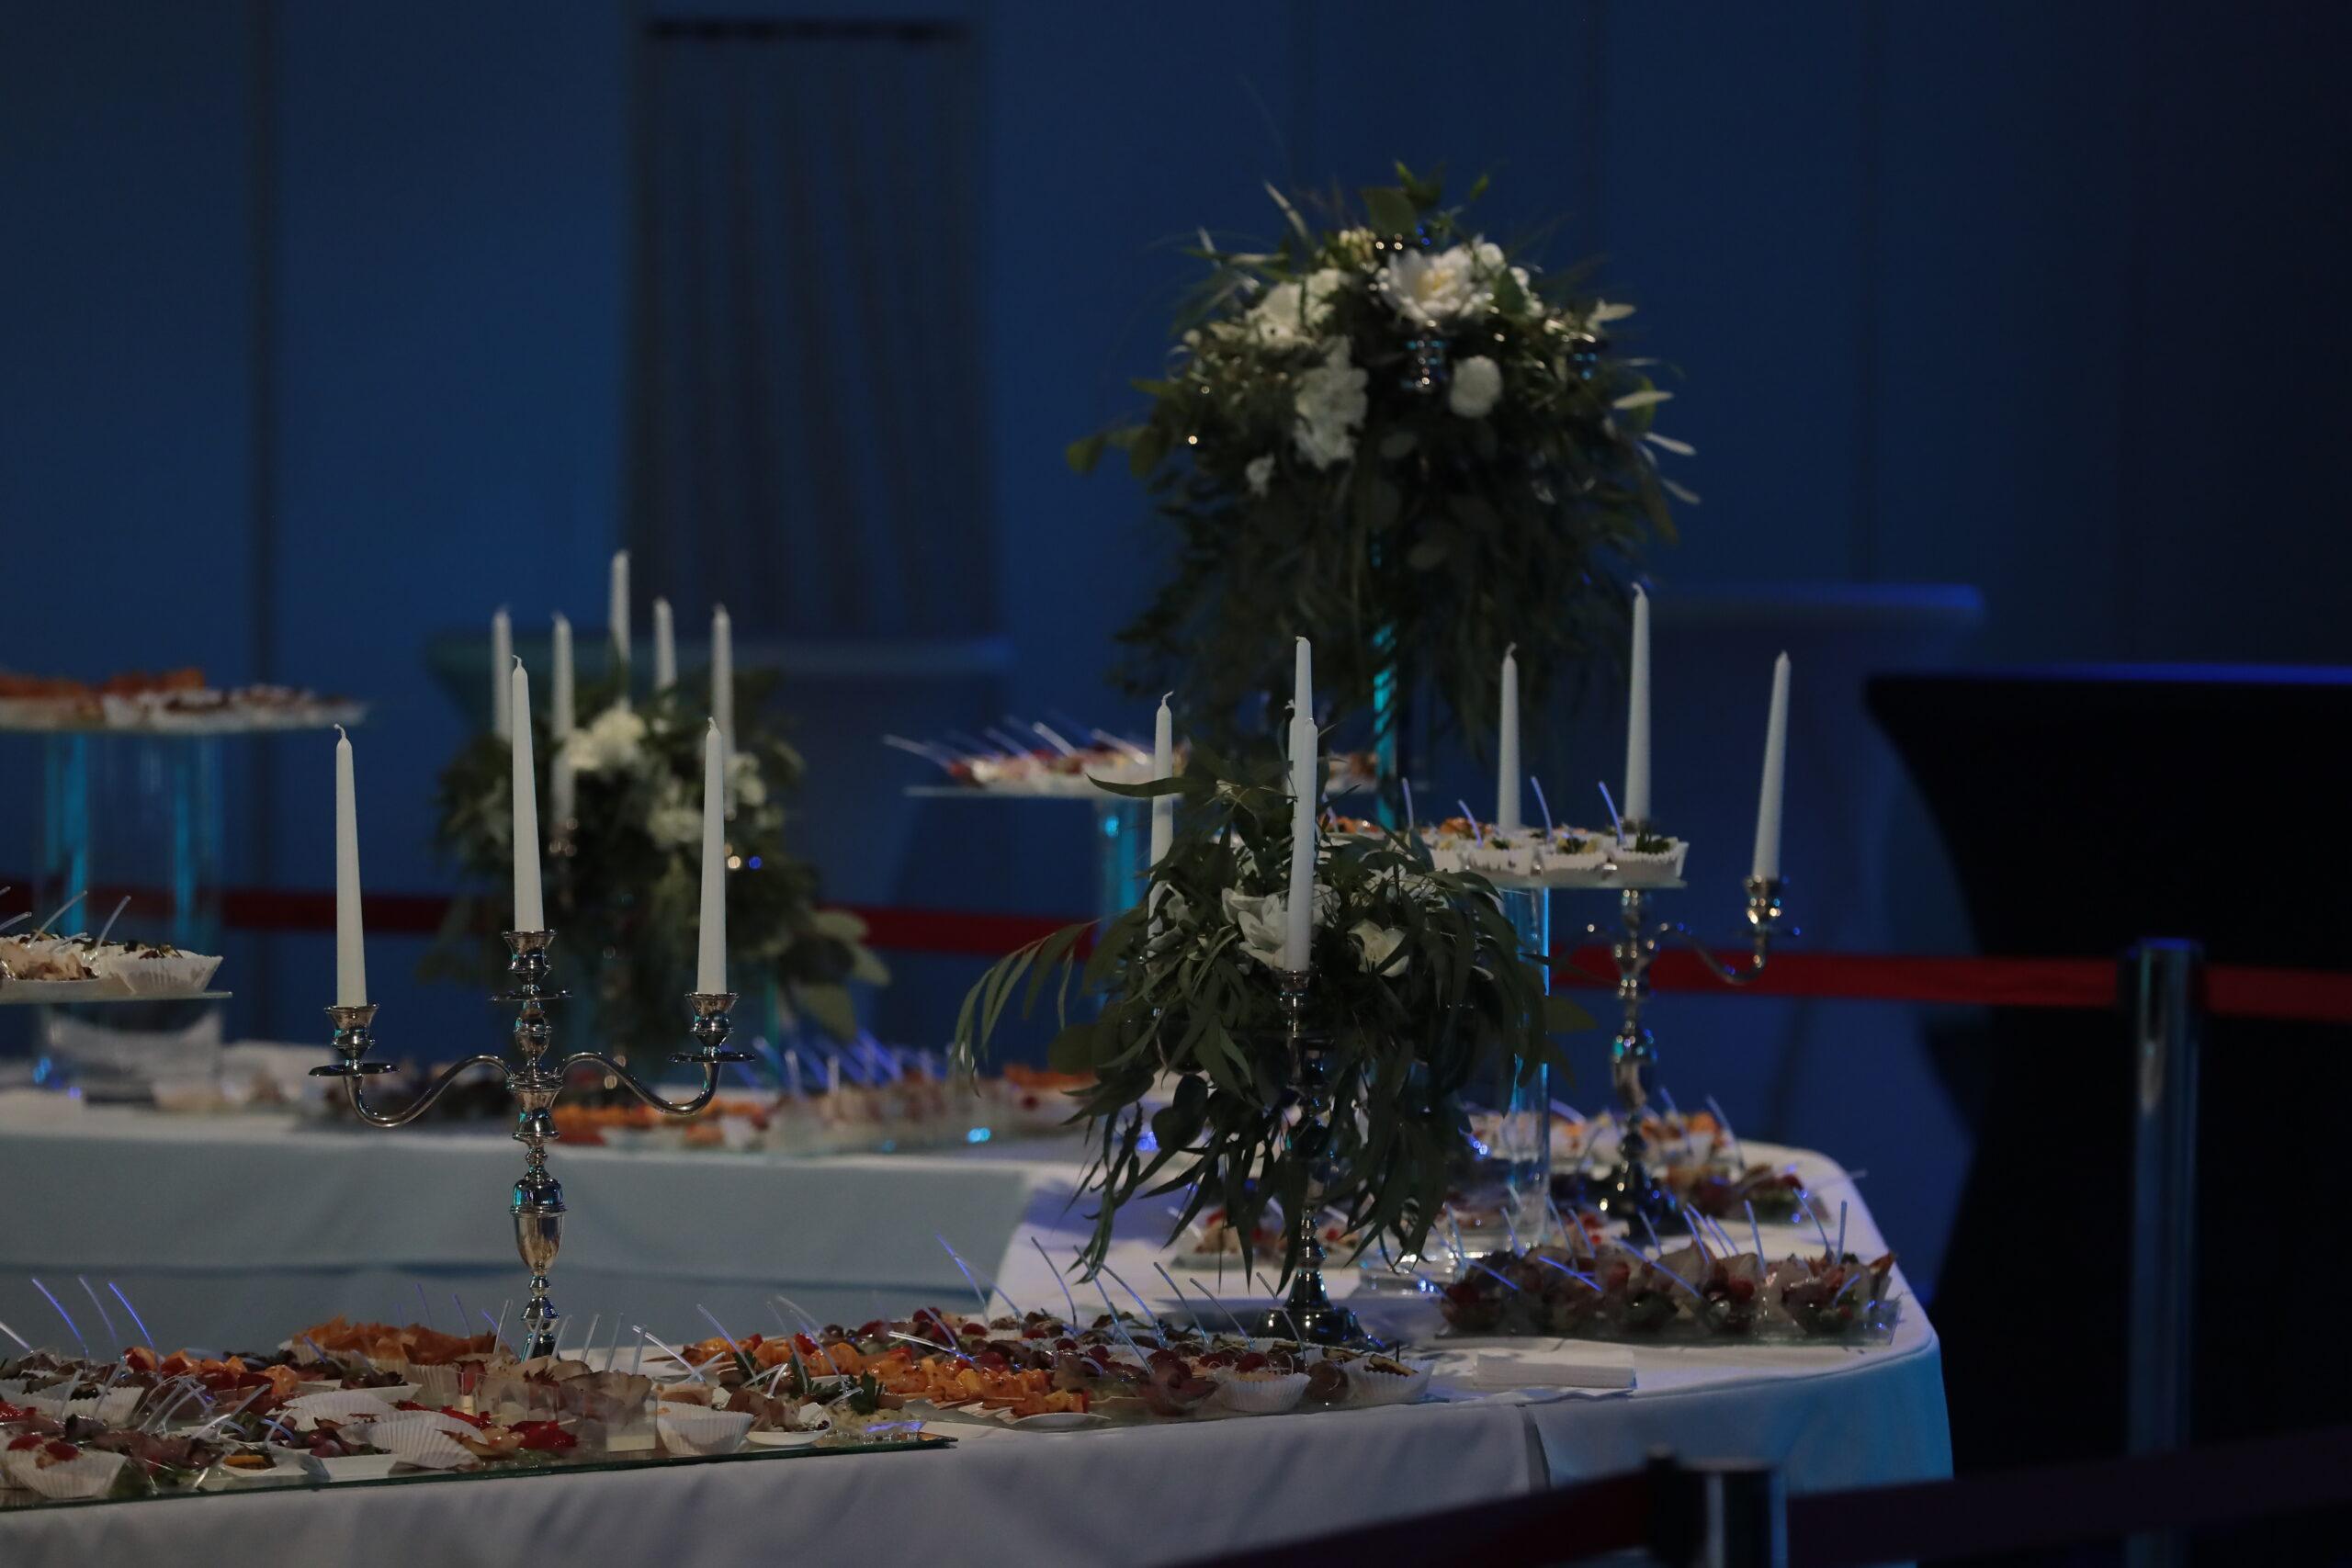 Jak powinna wyglądać idealna impreza?